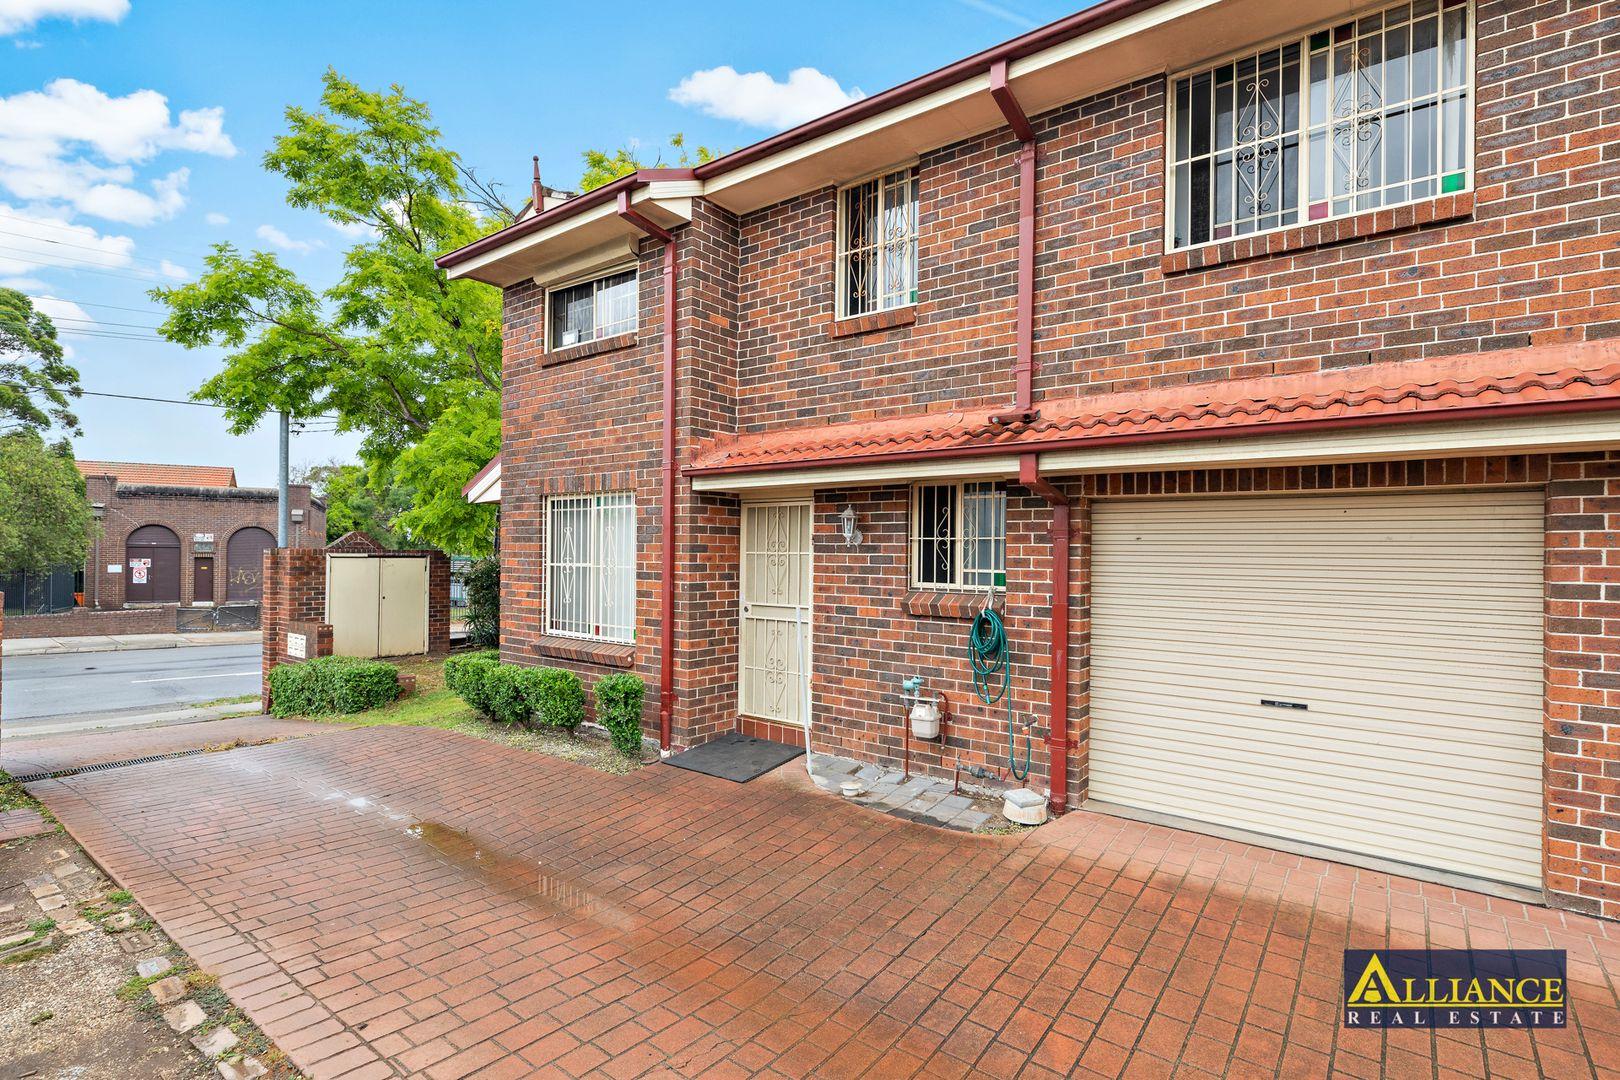 1/118 Rossmore Street, Punchbowl NSW 2196, Image 0